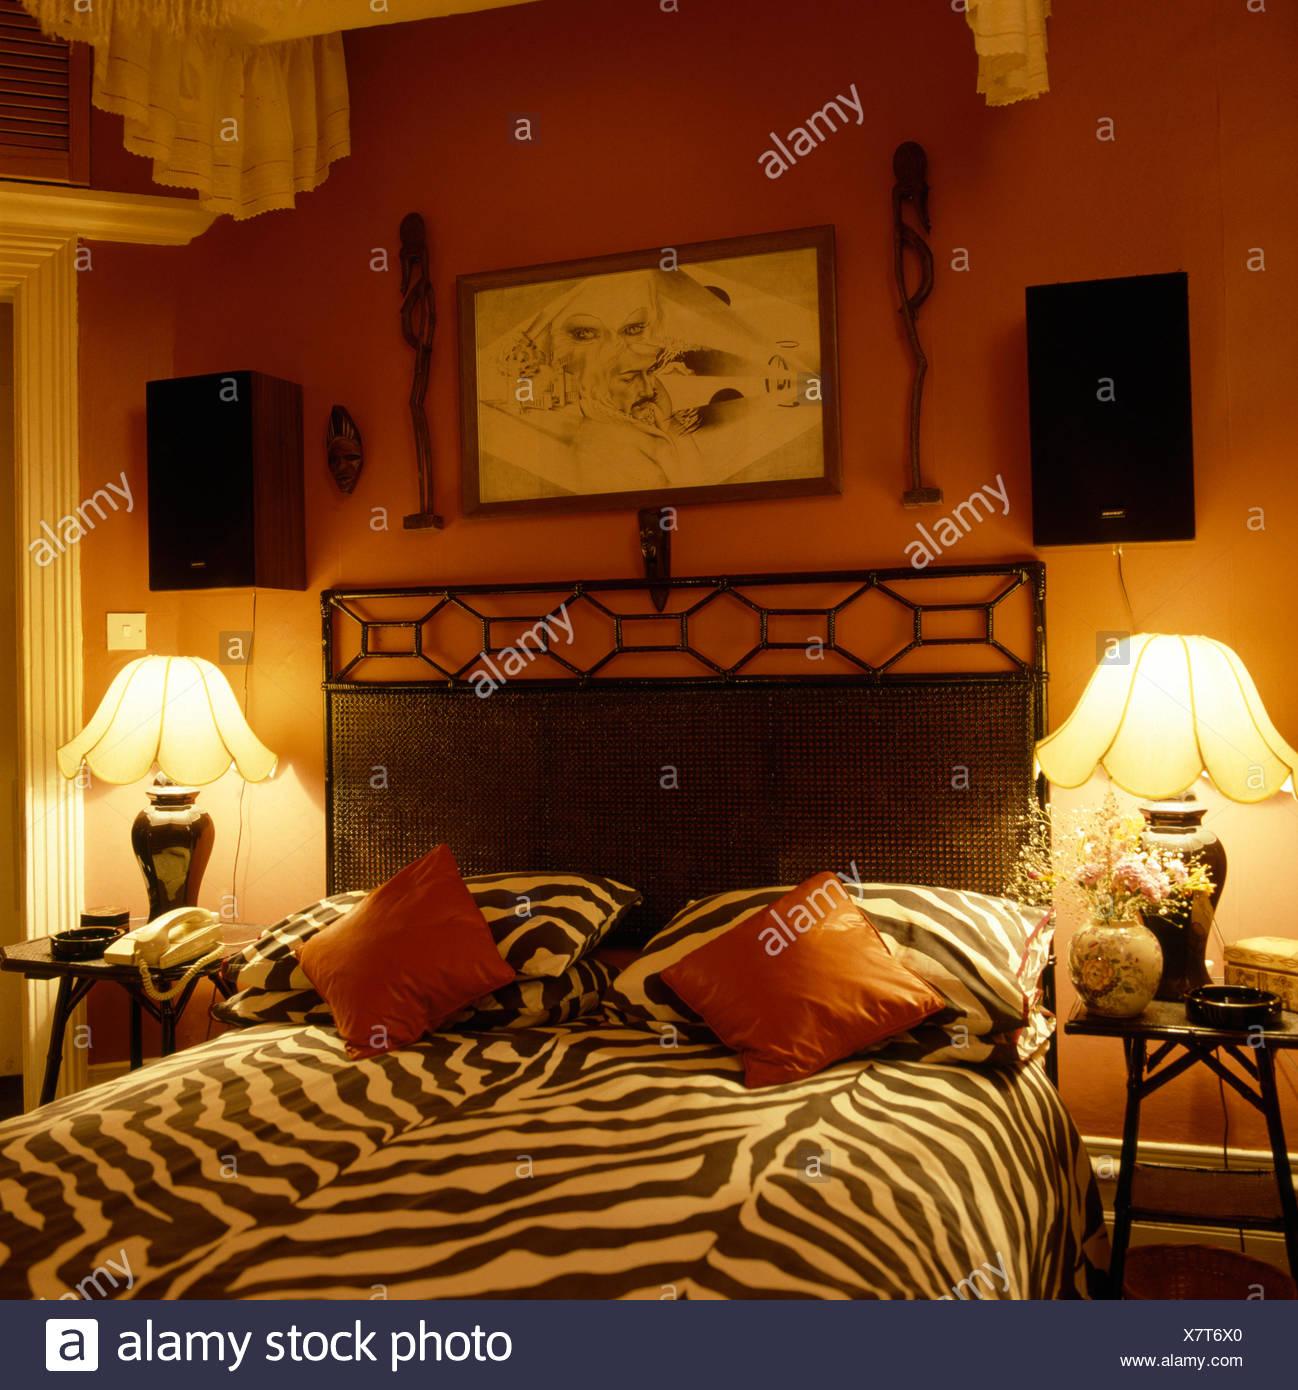 Tiger Bettwäsche bedrucken Bett in siebziger Jahre mit ...